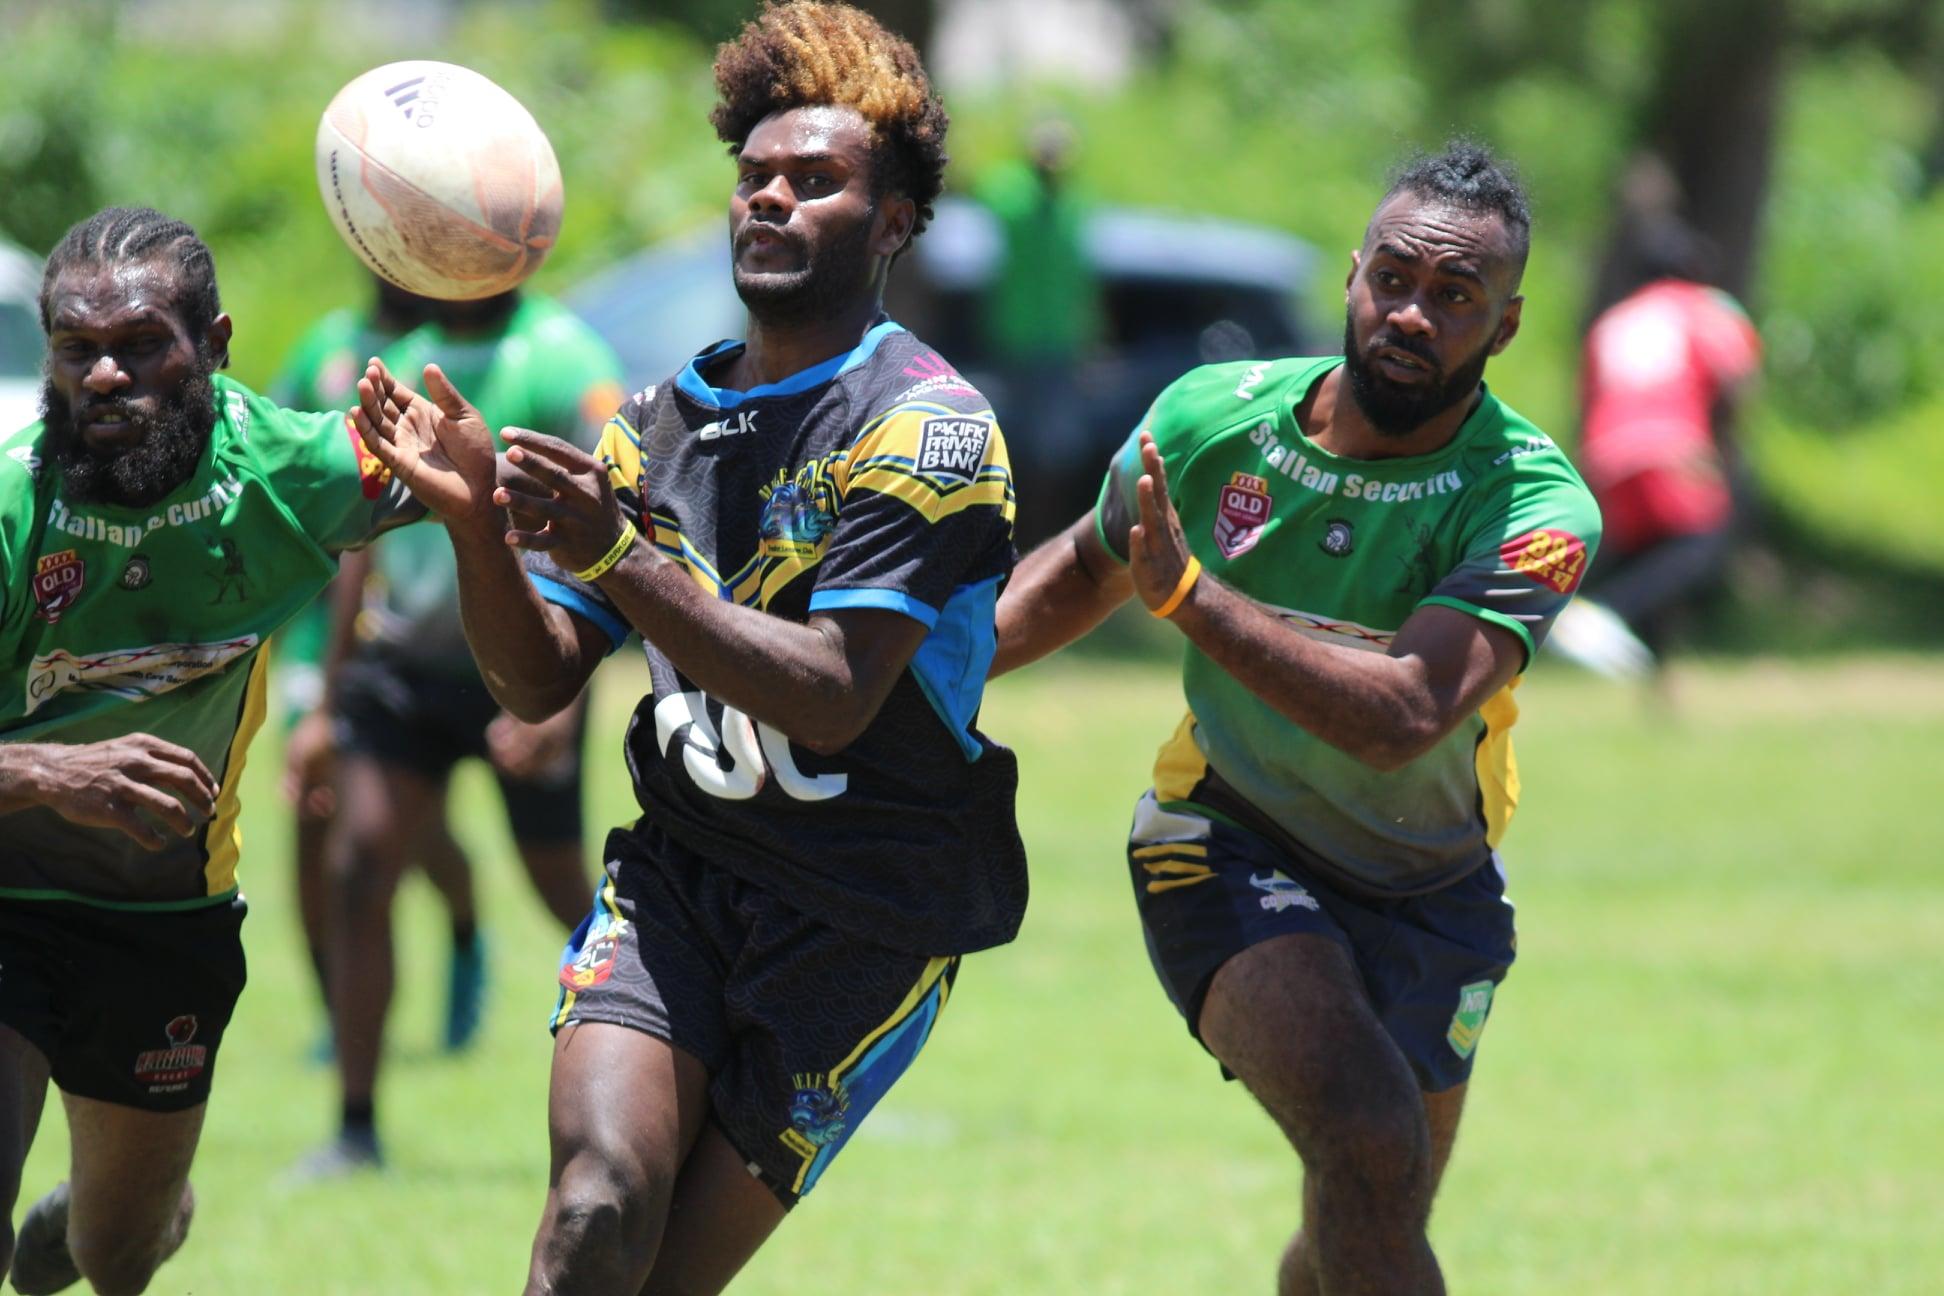 Three new champions declared in 2020 Vanuatu Nines